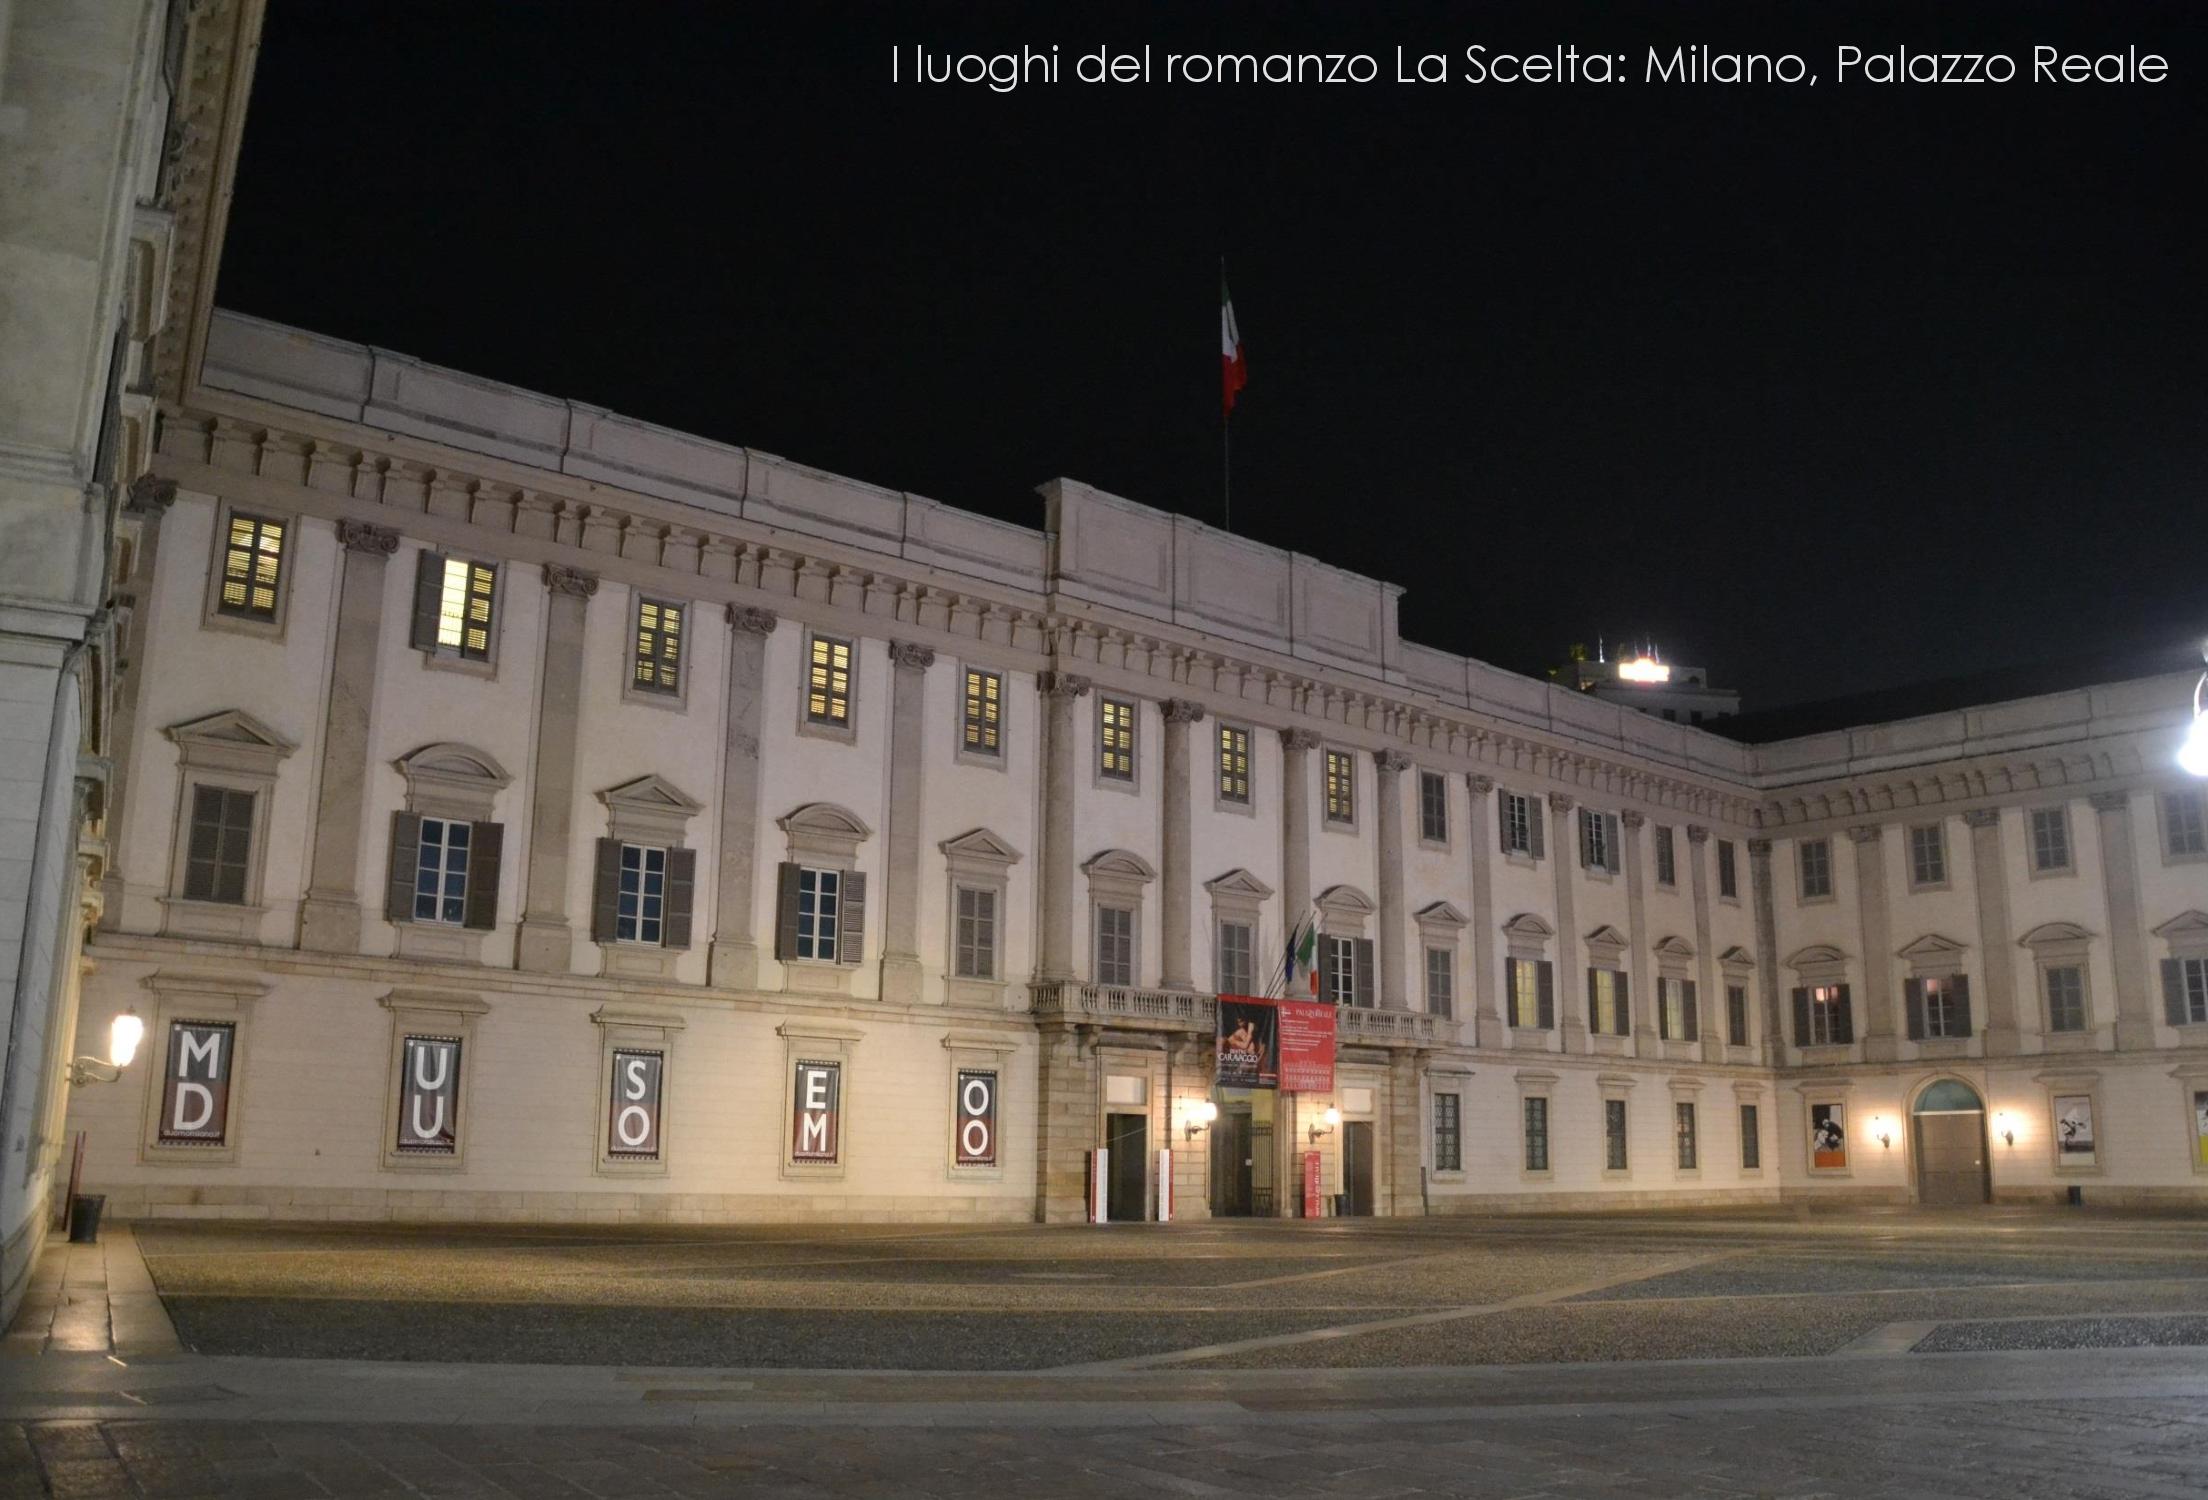 Palazzo Reale, Milano - Luoghi del romanzo La Scelta di Morgane Mentil